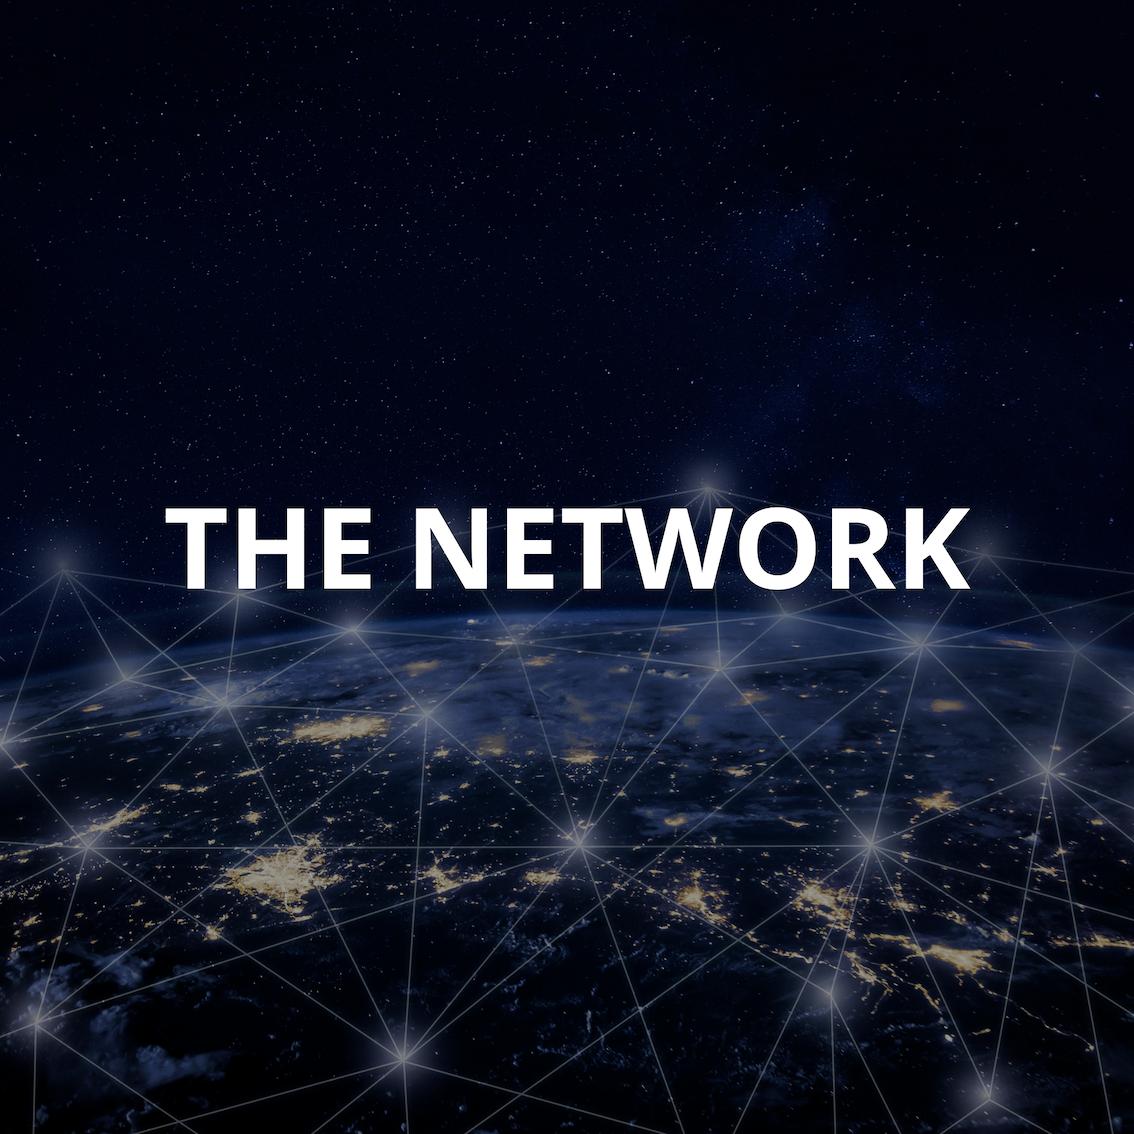 Teh Network